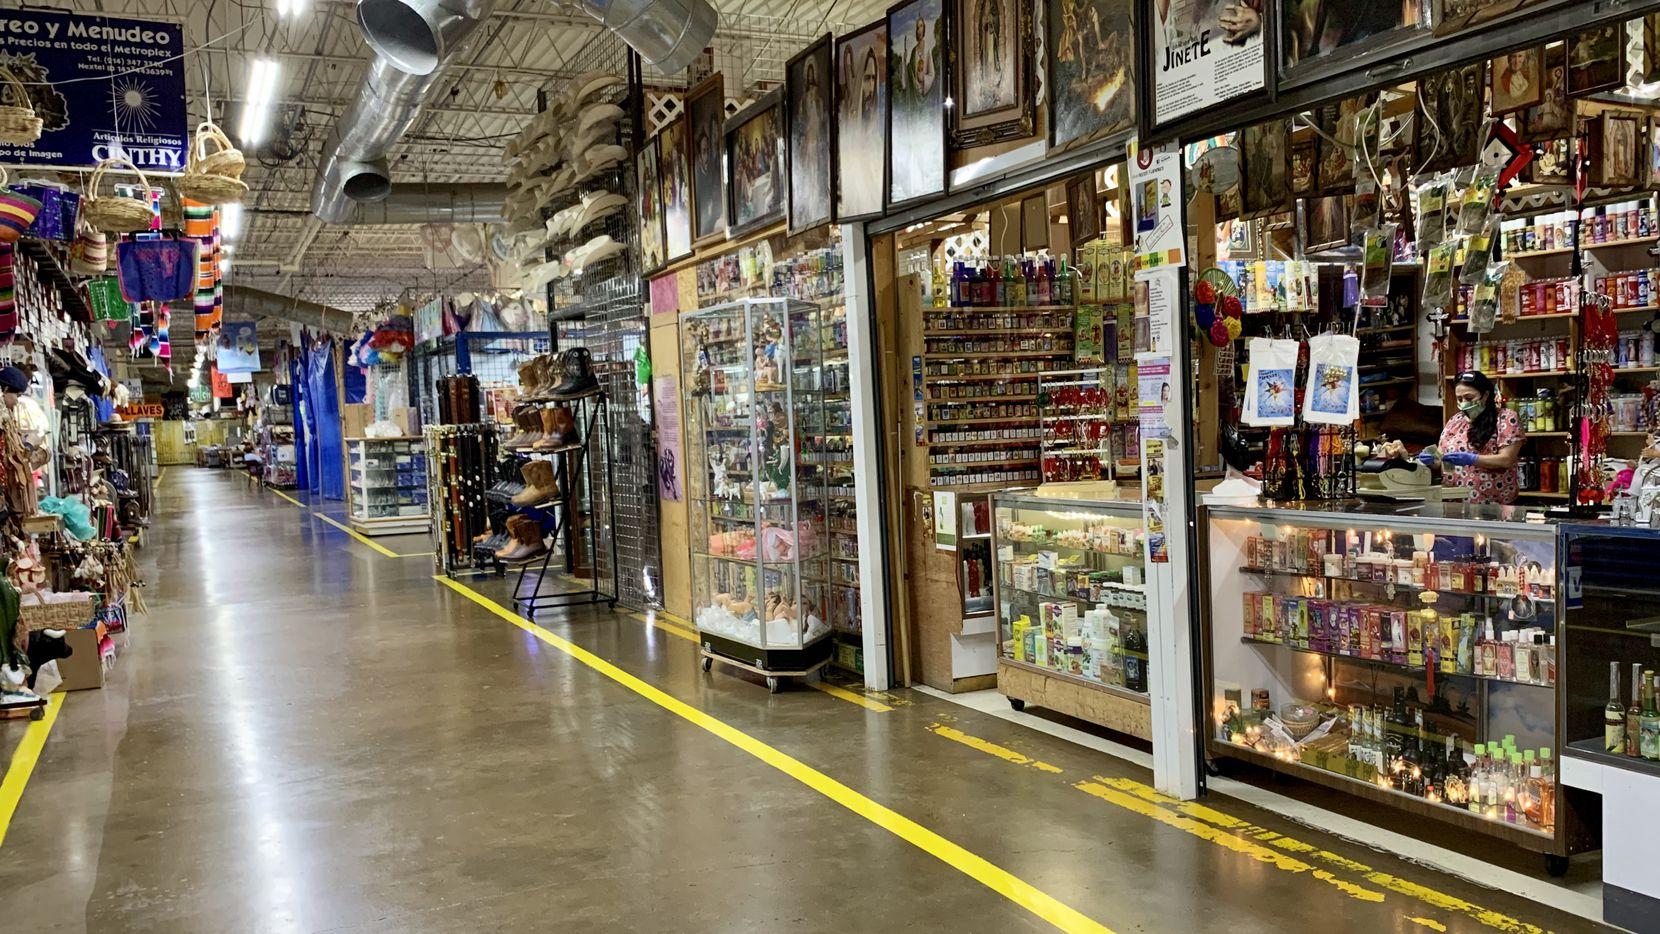 En el primer día de reapertura de la economía en Texas, los bazares hispanos lucieron vacíos. Solo algunos comercios abrieron sus puertas. Los comerciantes se dieron entre alegres por volver a trabajar, pero asustados por el coronavirus.